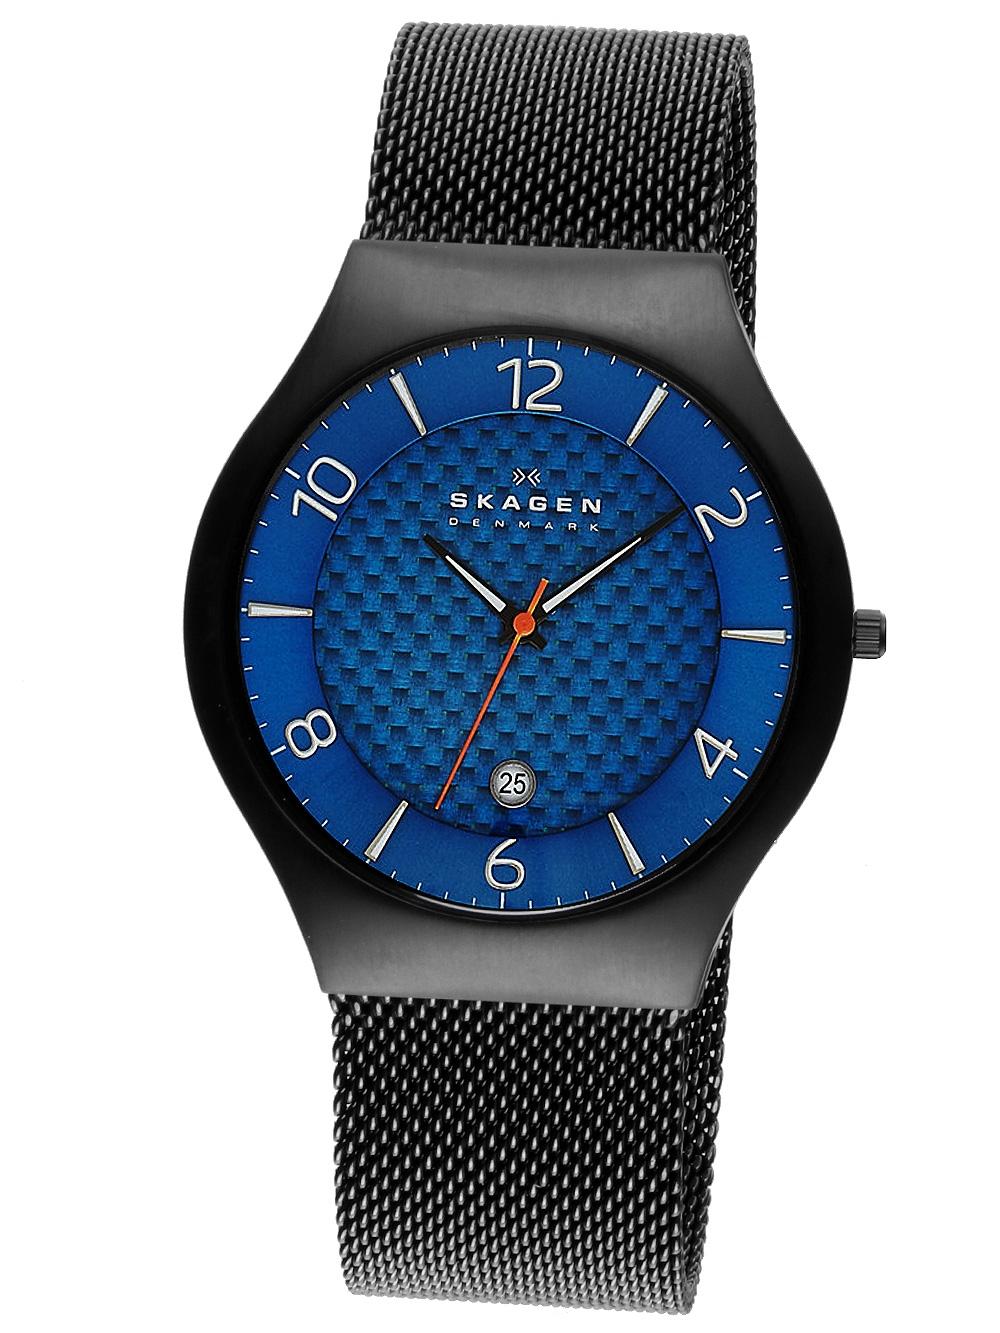 Skagen SKW6147 Herrenuhr Grenen Titanium schwarz blau 41mm